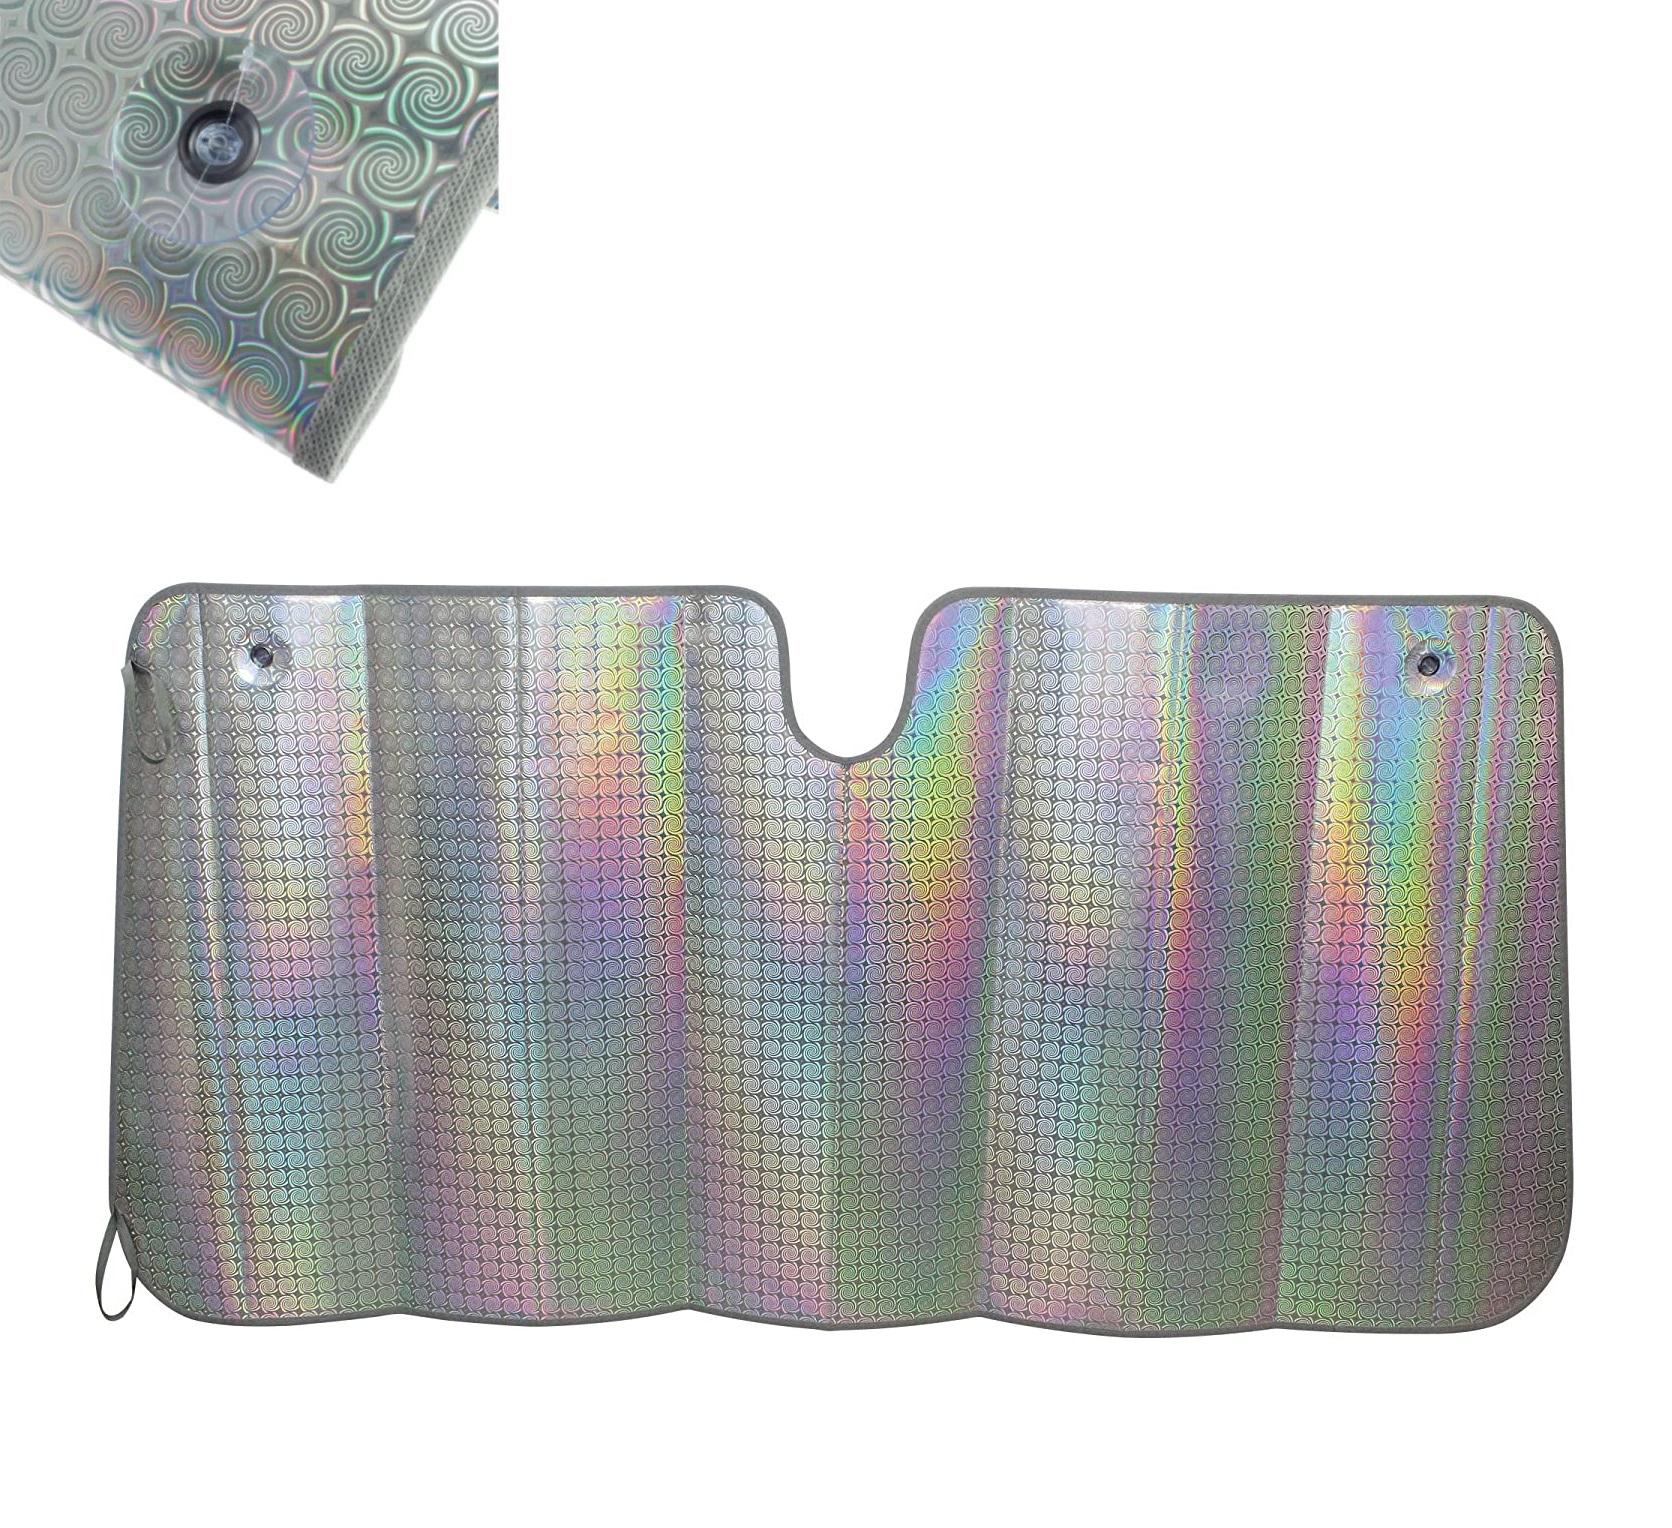 Szélvédőtakaró hologramos 145x80cm | LASER napárnyékoló XL